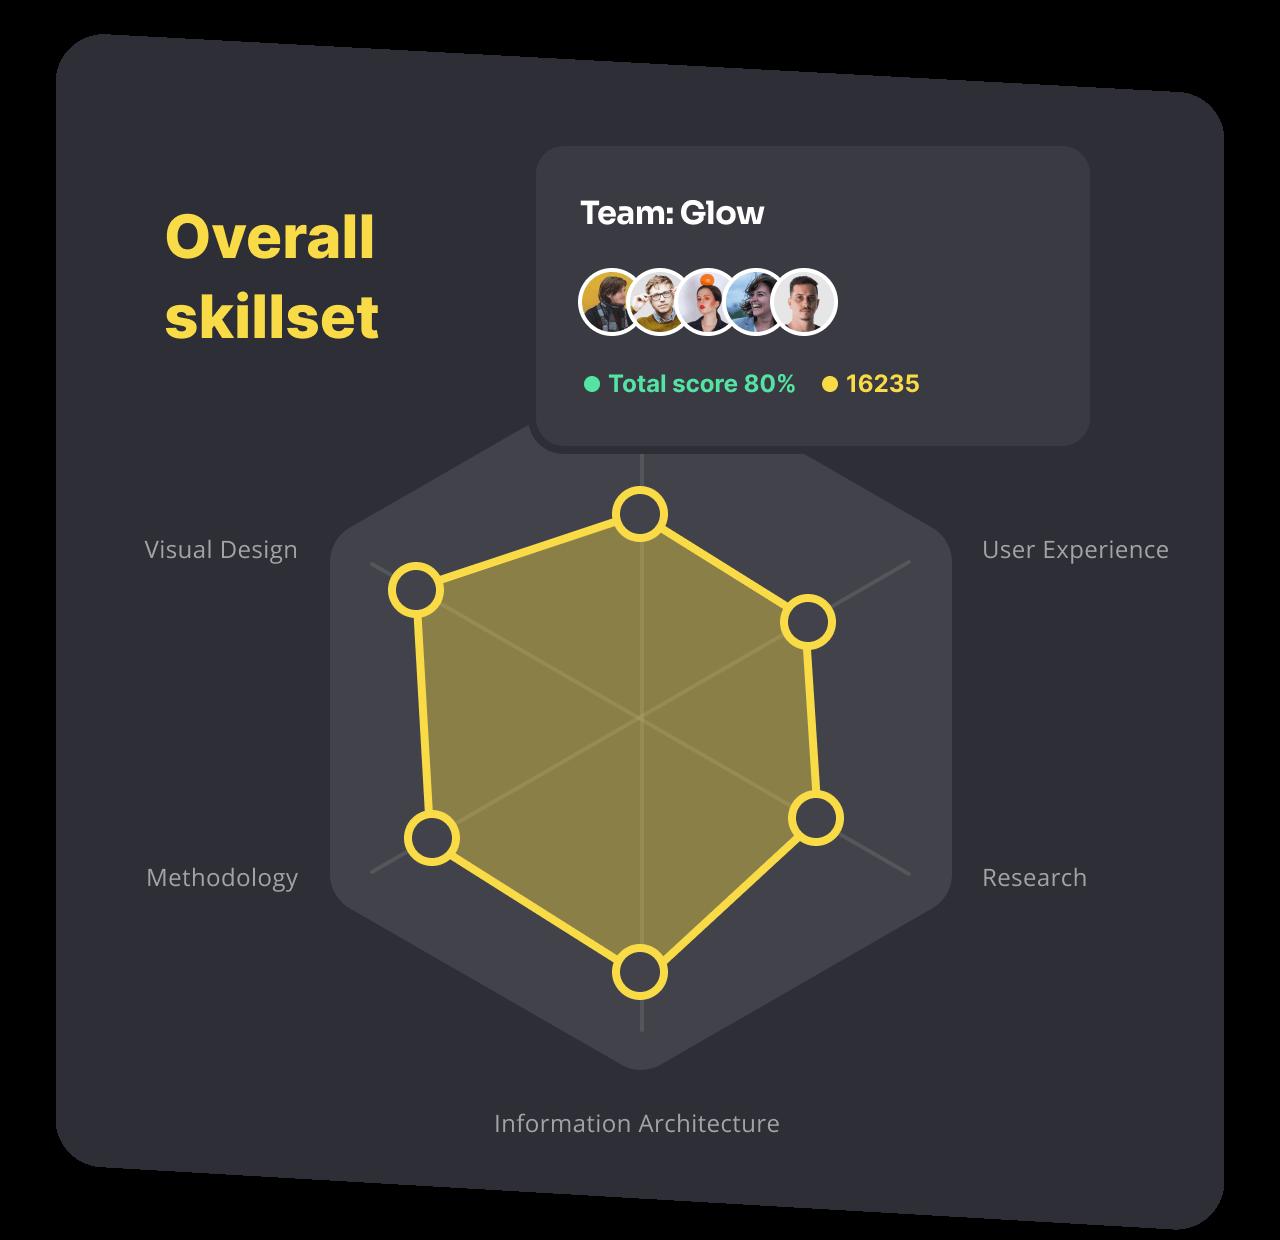 Visualize team skillset